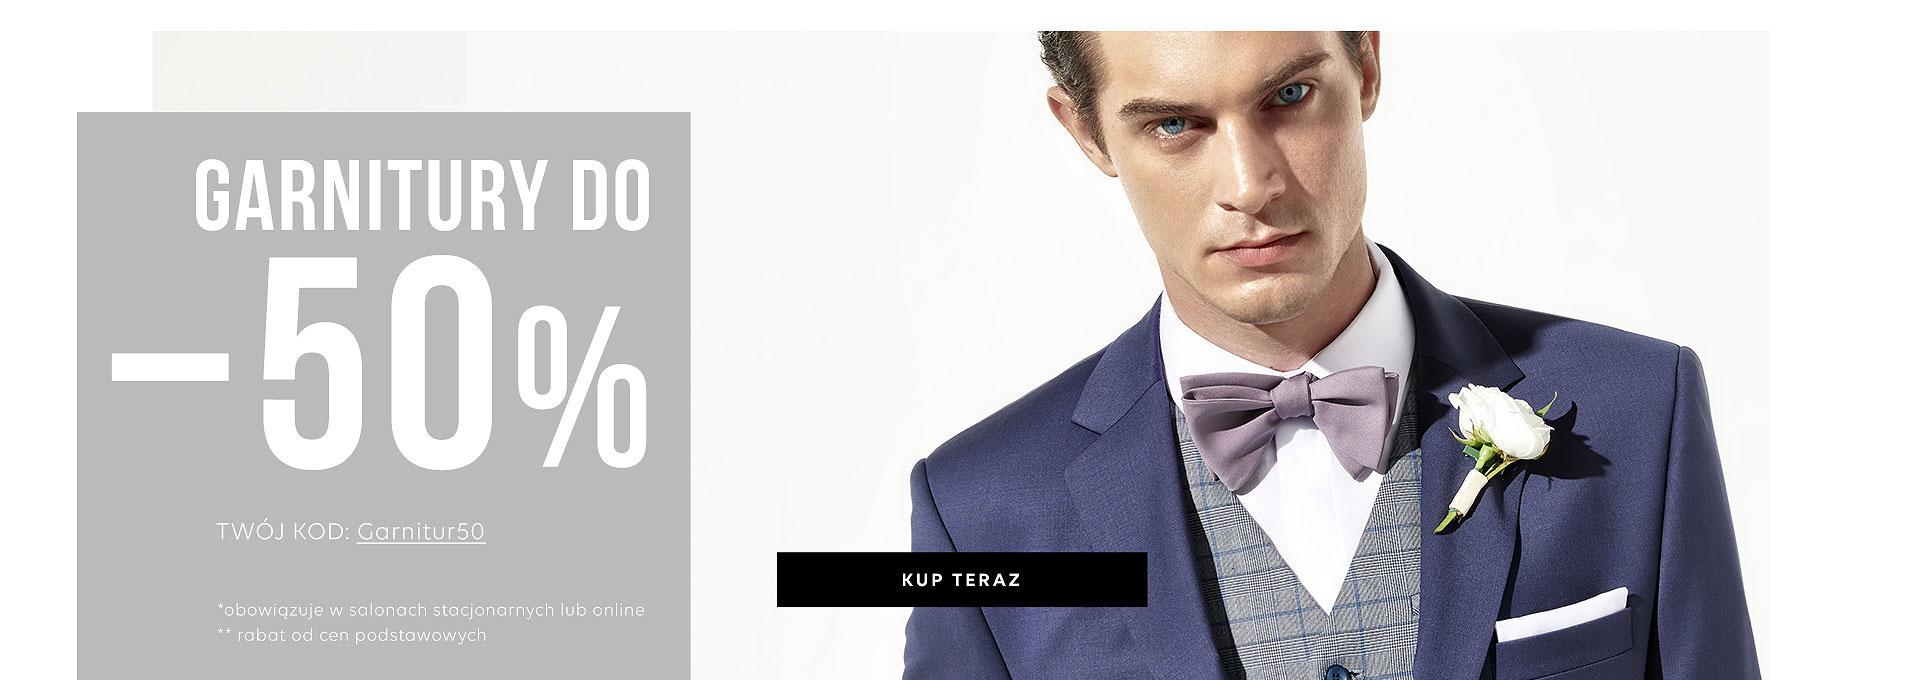 cdbd4b3a95df6 Pako Lorente - marka dla współczesnych mężczyzn, stylowa odzież ...